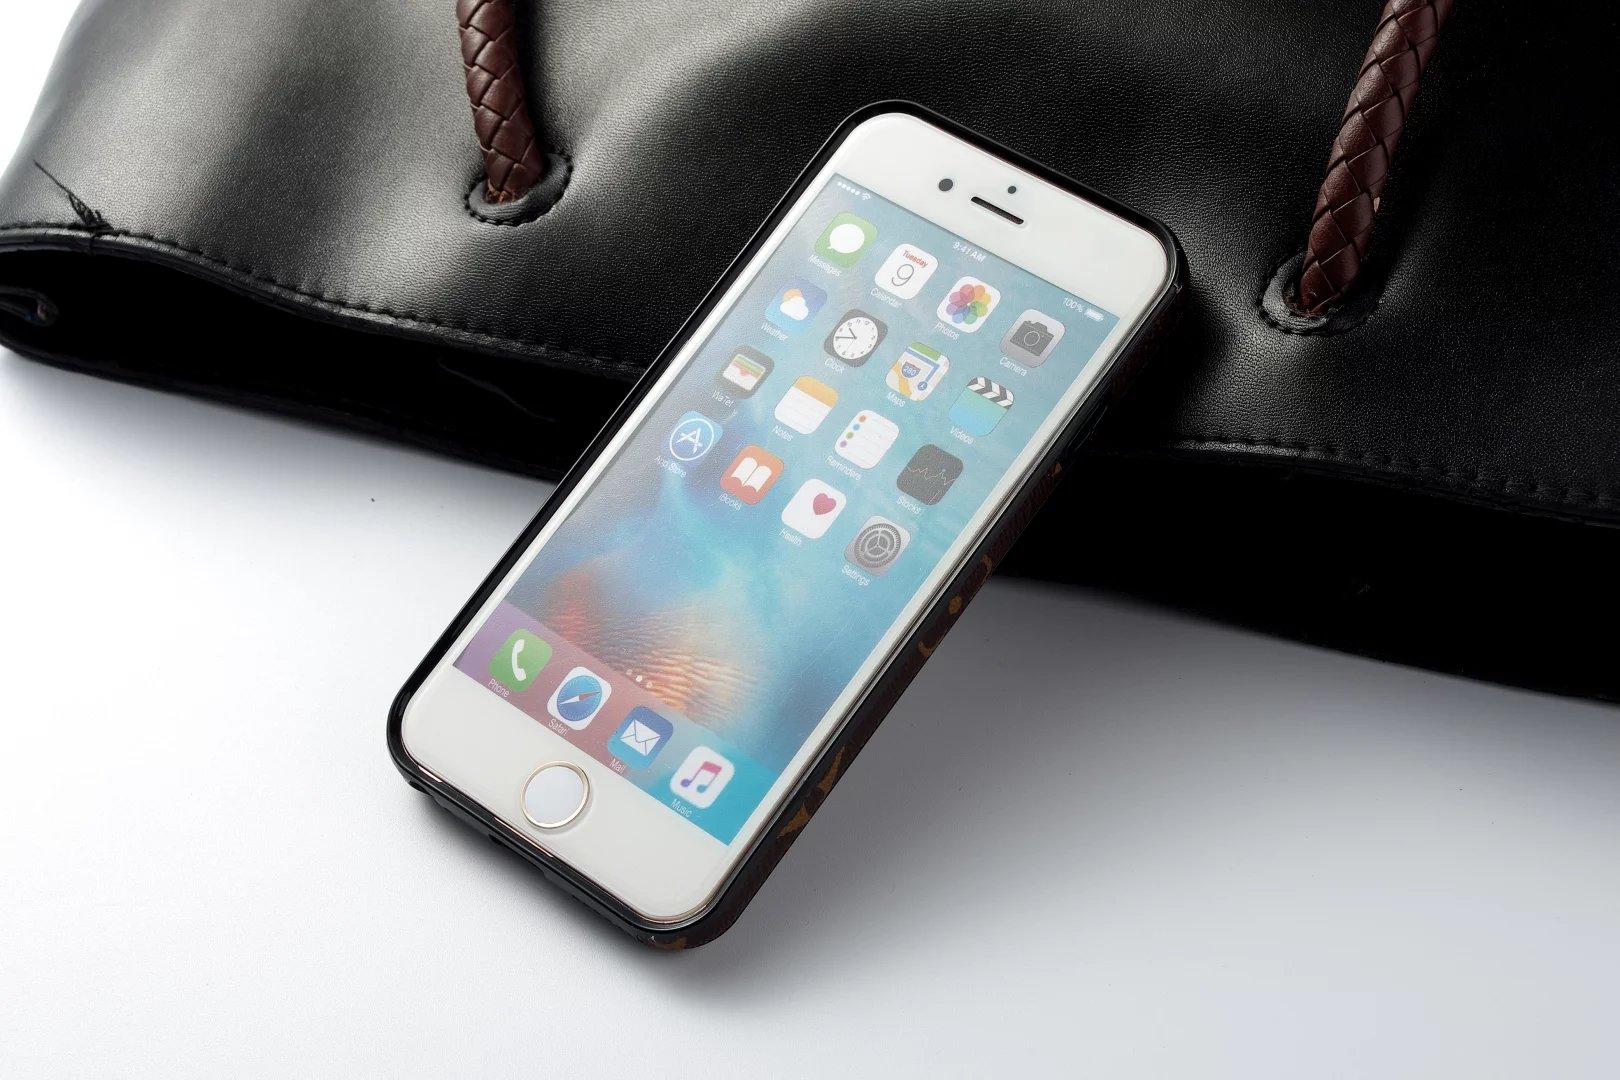 iphone hülle mit eigenem foto iphone hülle gestalten Louis Vuitton iphone6s hülle hochwertige iphone hüllen iphone hülle 6slber machen iphone 6 zubehör iphone 6s hülle holz ledertasche iphone 6s handy hardcover 6slbst gestalten